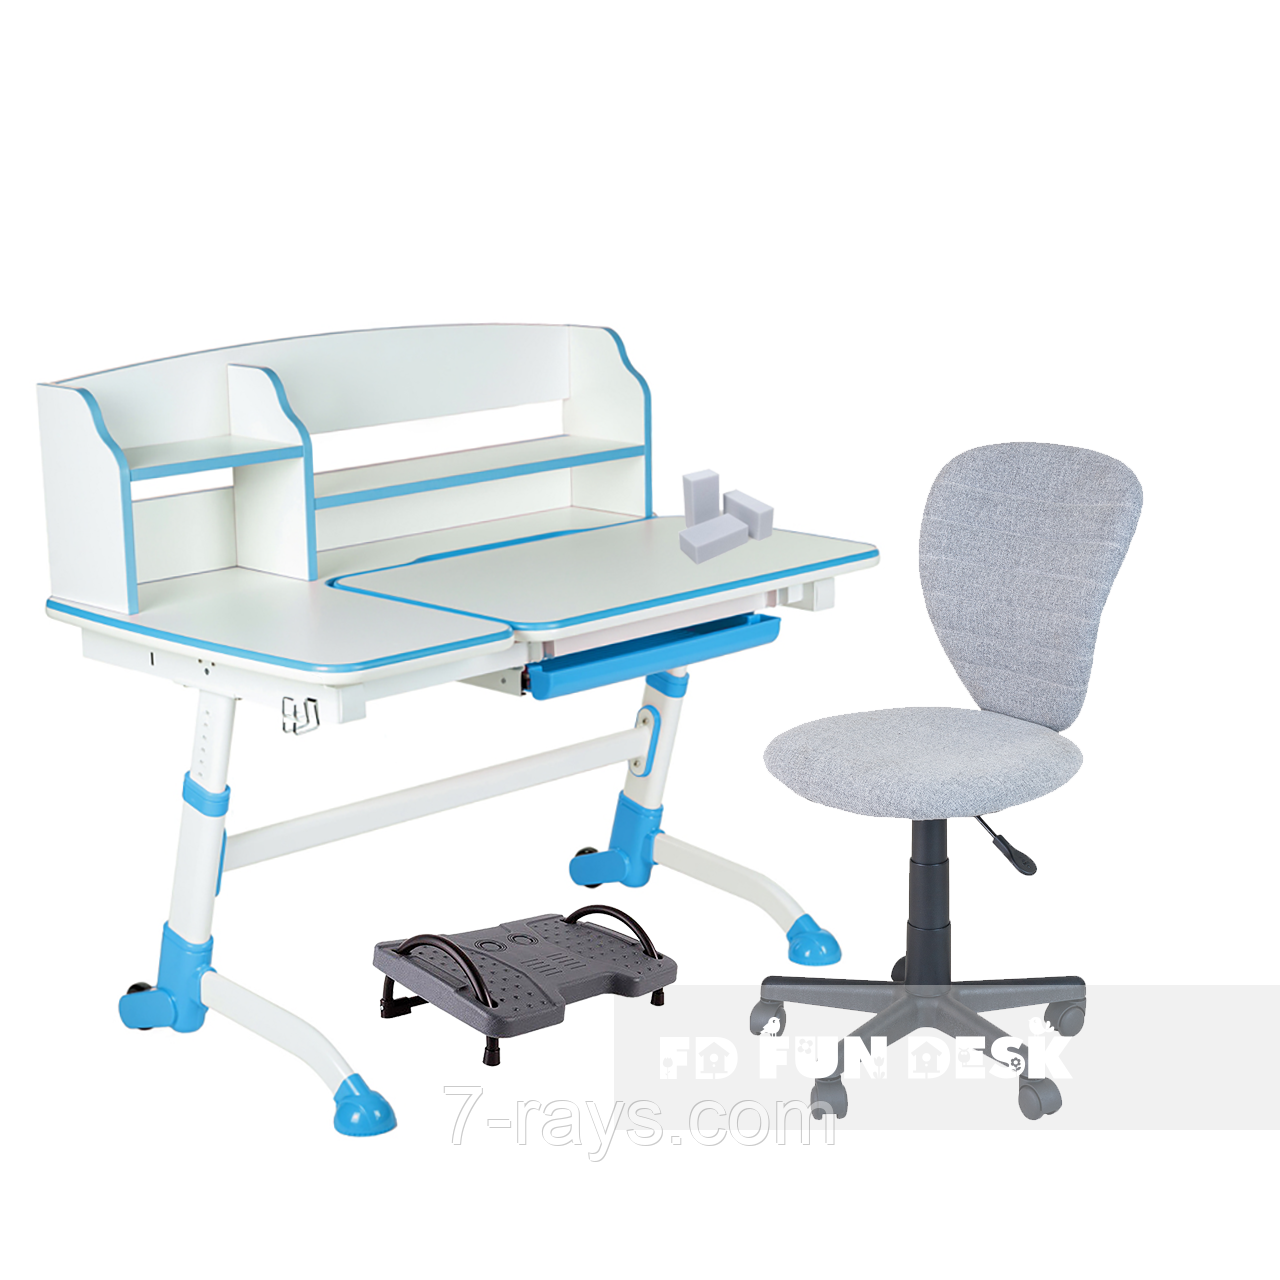 Комплект подростковая парта для школы Amare II Blue + ортопедическое кресло LST2 Grey FunDesk